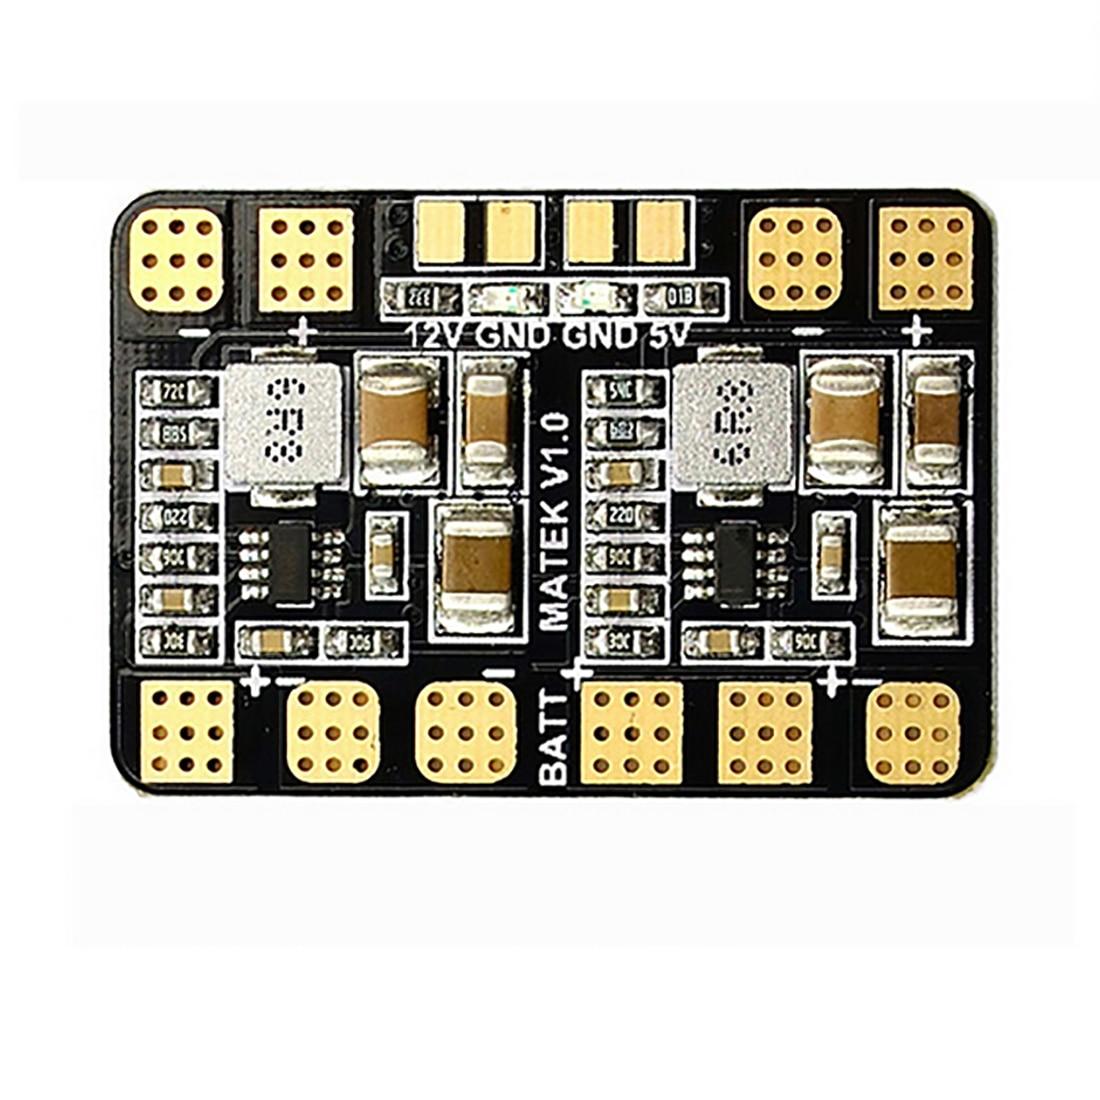 Matek Micro PDB BEC 5V 12V